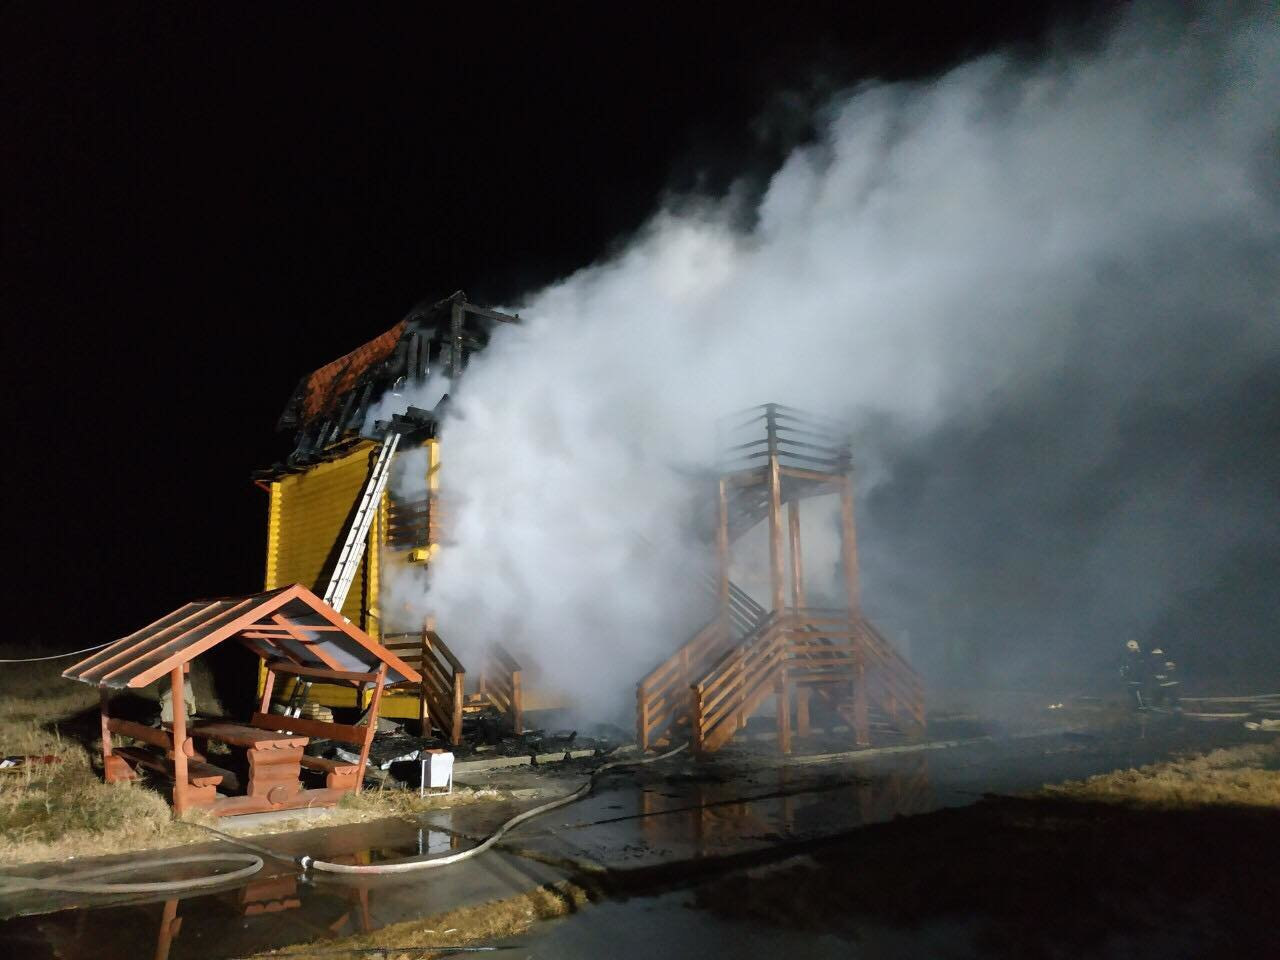 База отдыха горела ночью в Одесской области: причина уже известна, - ФОТО, фото-1